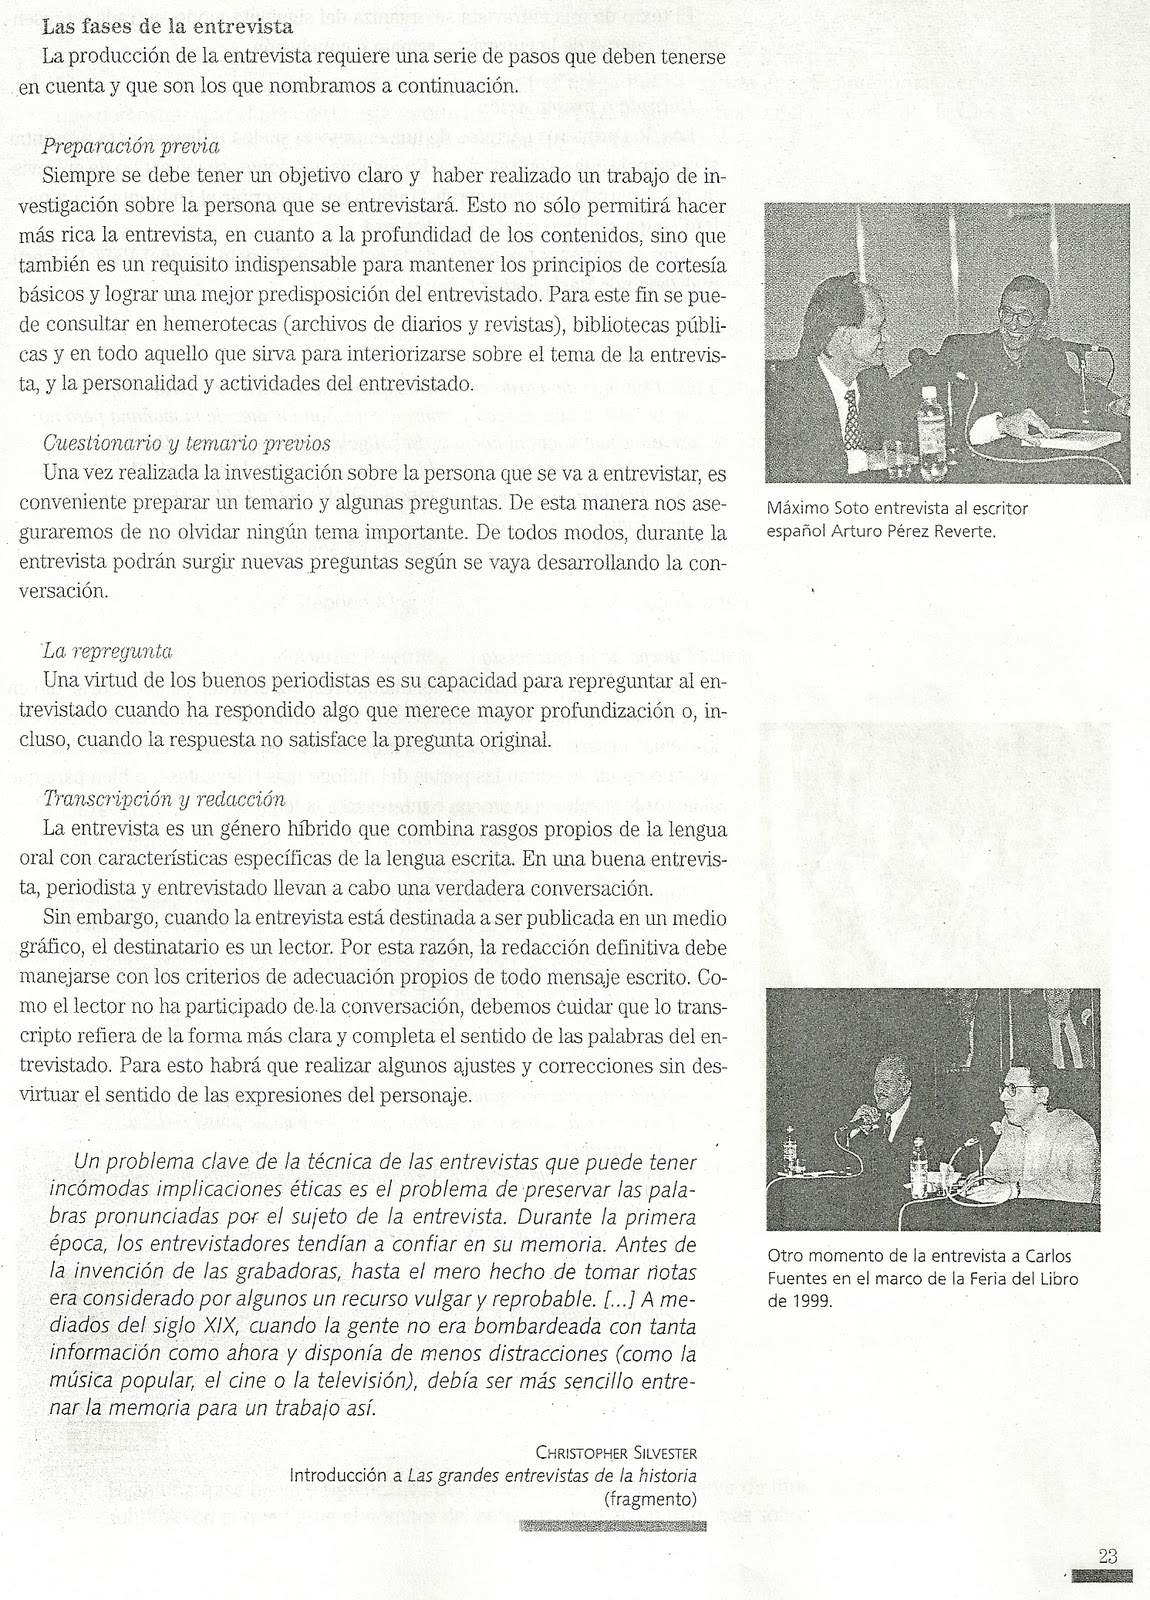 http://1.bp.blogspot.com/-aeXl_dgETBo/TrFrq_aHPVI/AAAAAAAAAIE/T83Mb1d_05g/s1600/texto-entrevista.JPG